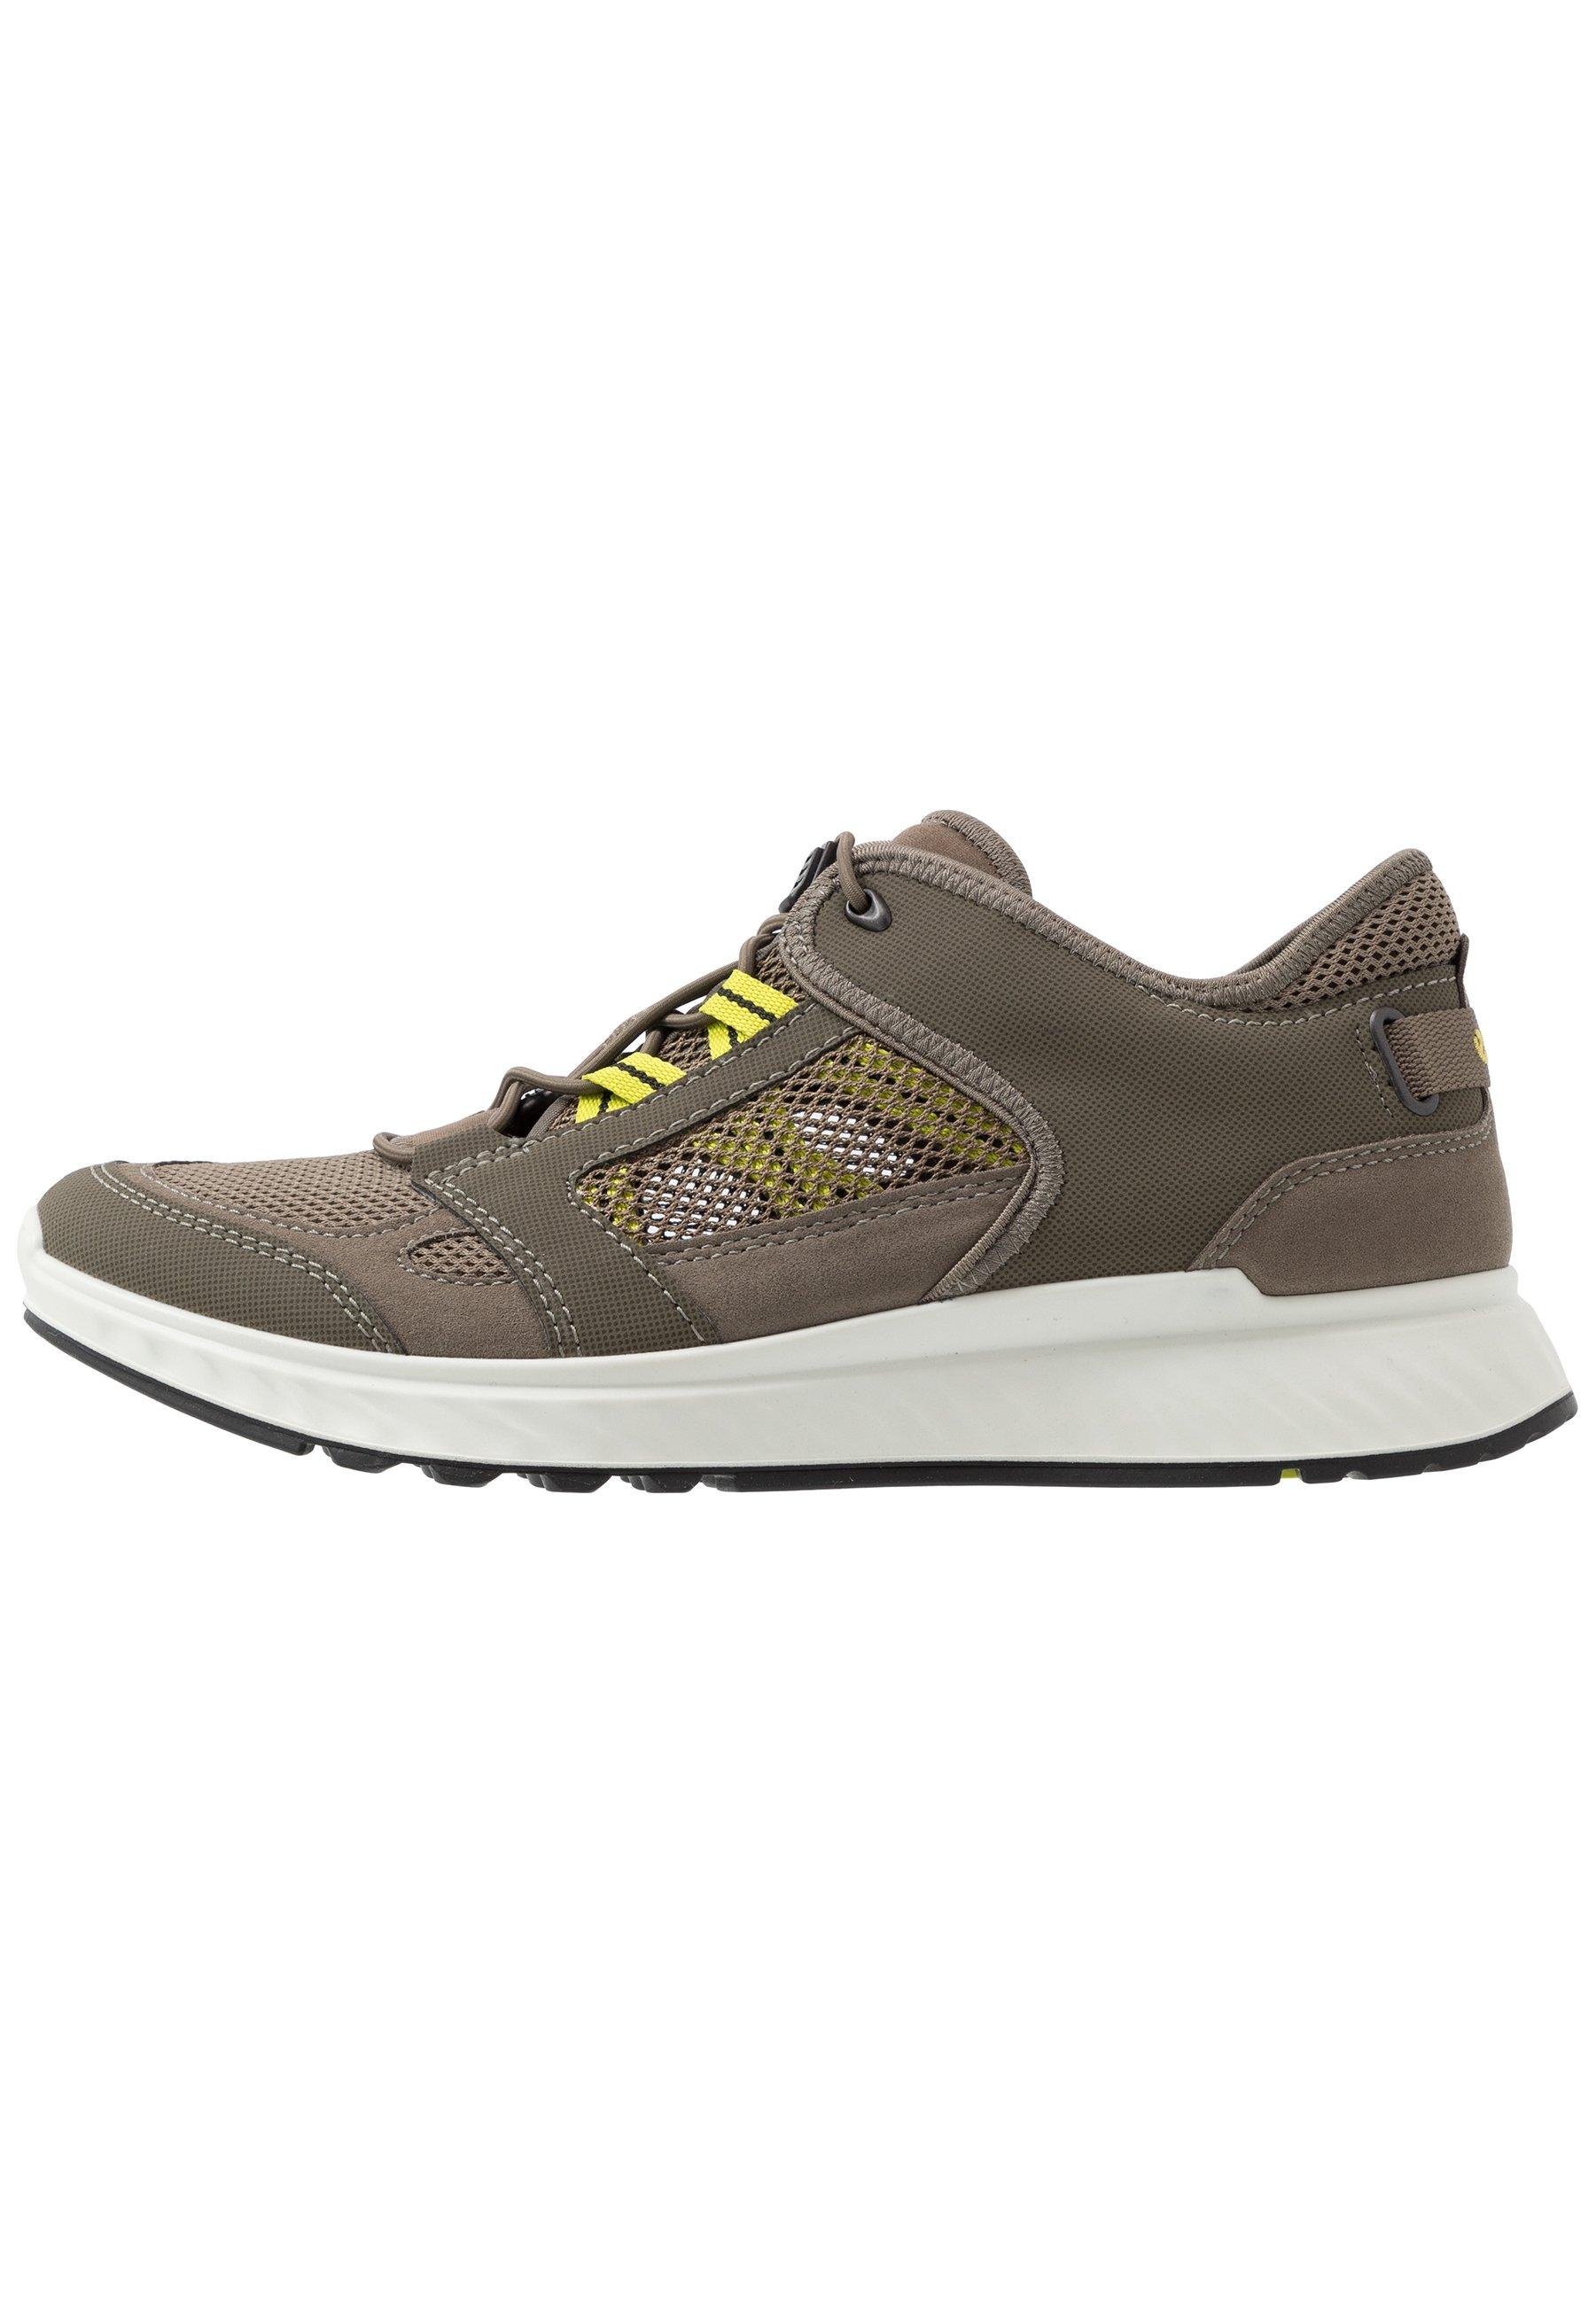 Miesten oliivinvihreät kengät | Zalando – kenkäkauppa netissä